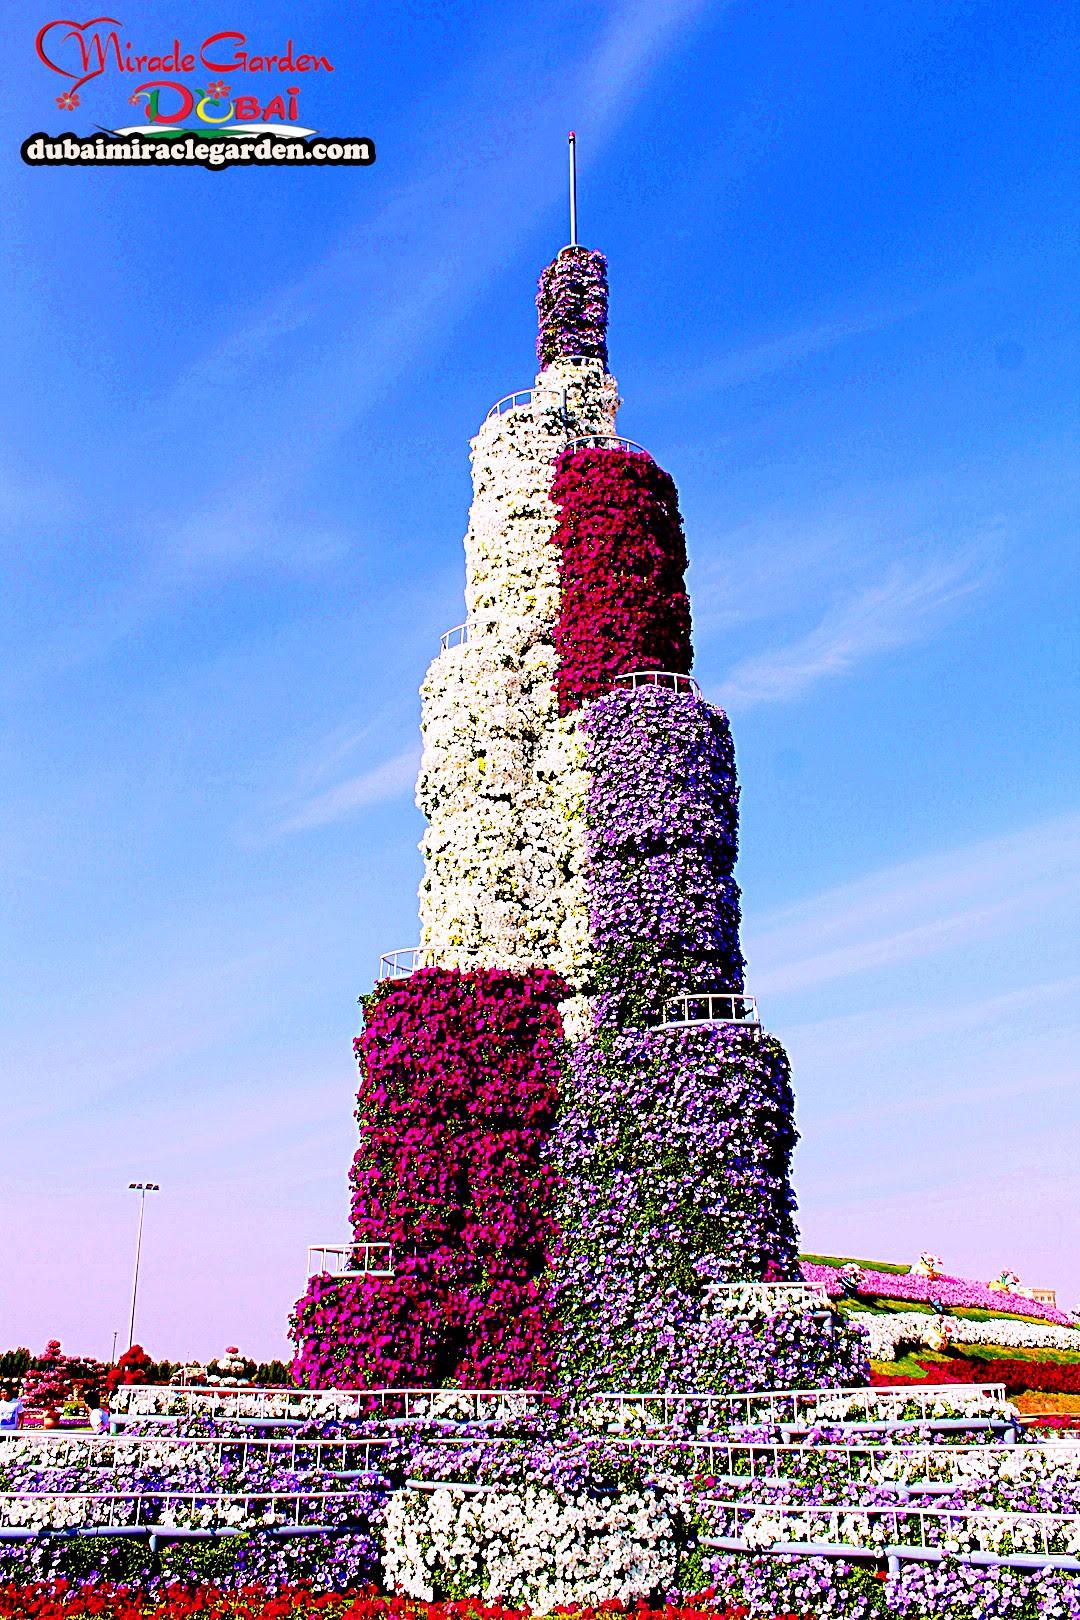 Dubai Miracle Garden 14